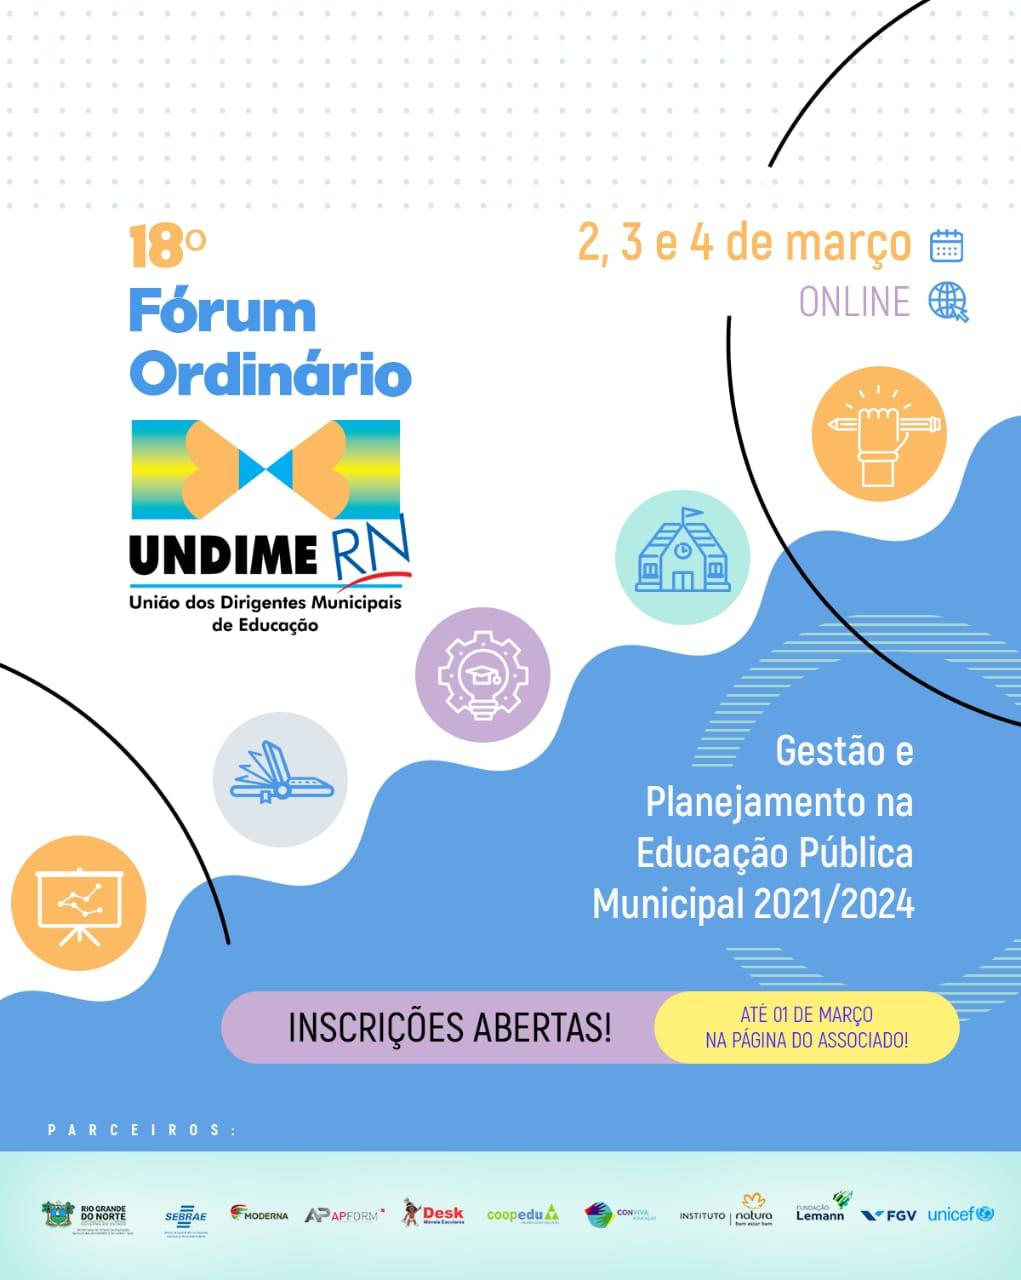 Inscrições abertas para o 18º Fórum Ordinário da Undime RN